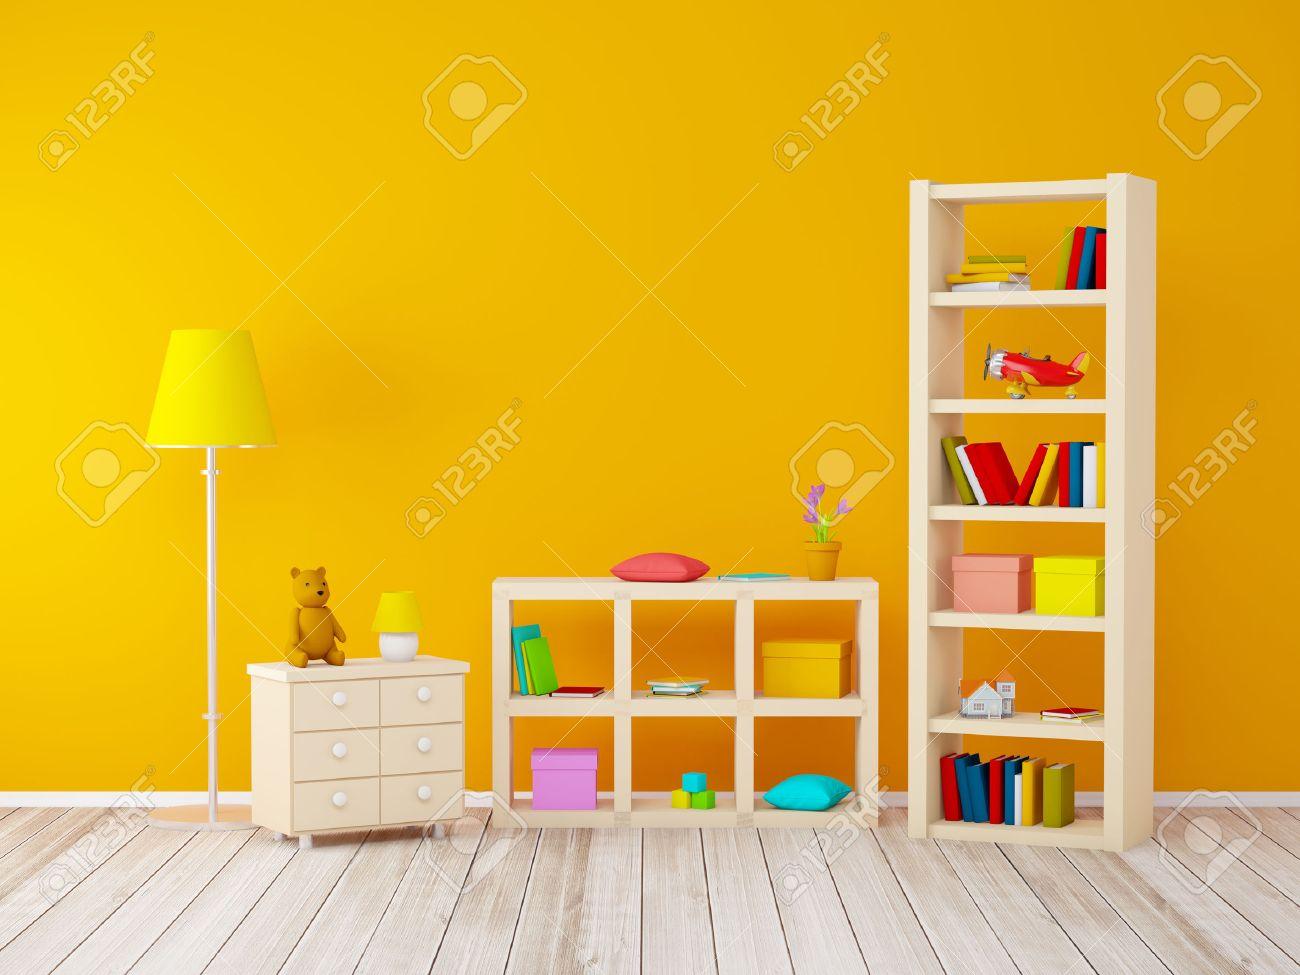 Full Size of Mit Bcherregalen Spielzeug An Orange Wand Regale Regal Sofa Weiß Kinderzimmer Kinderzimmer Bücherregal